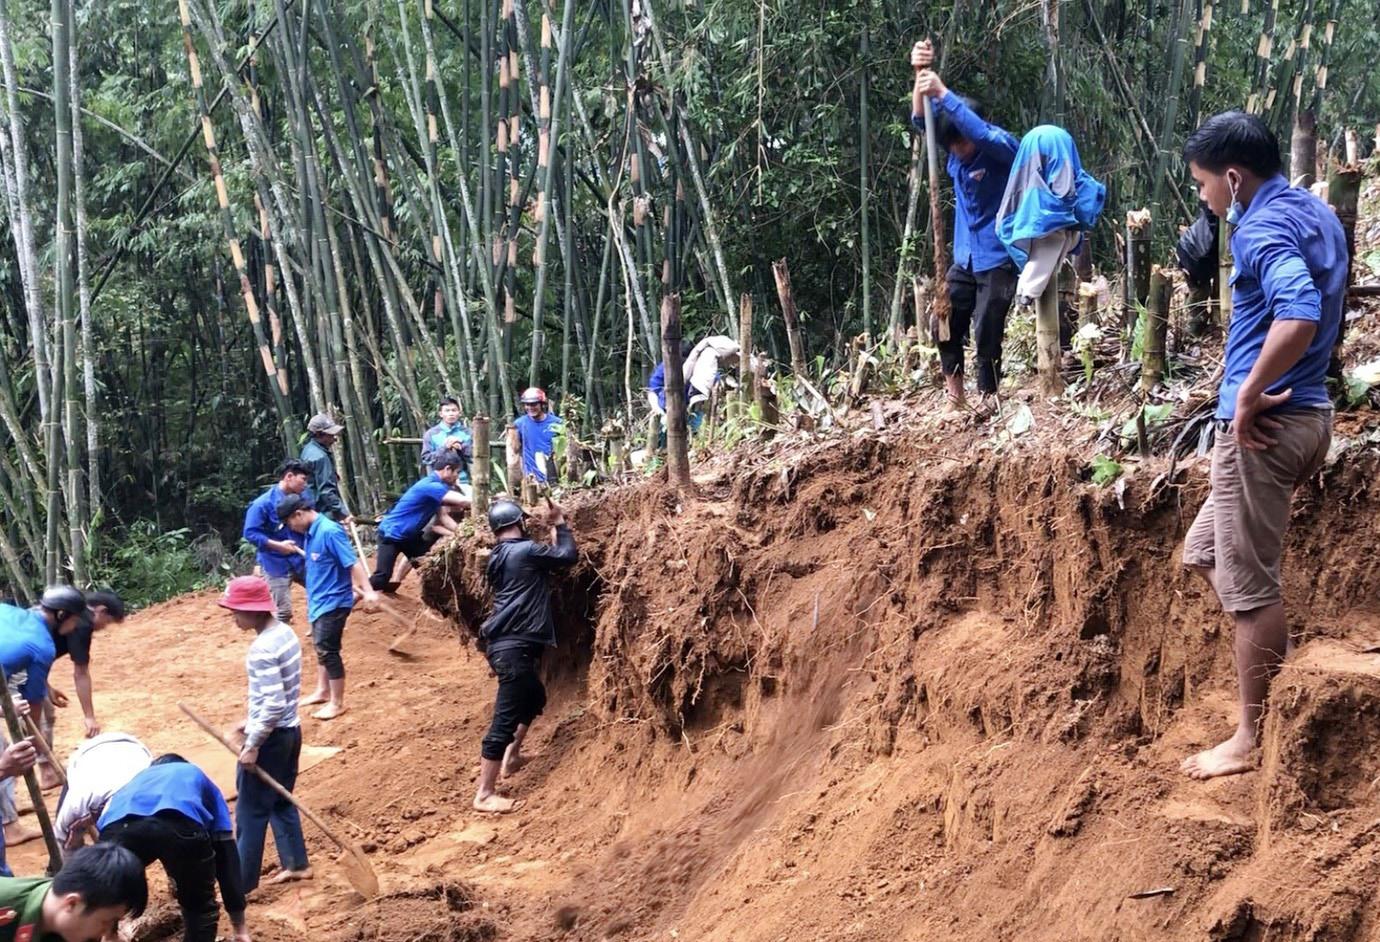 Đoàn viên thanh niên hỗ trợ san nền nhà cho các hộ dân. Ảnh: P. THIỆN